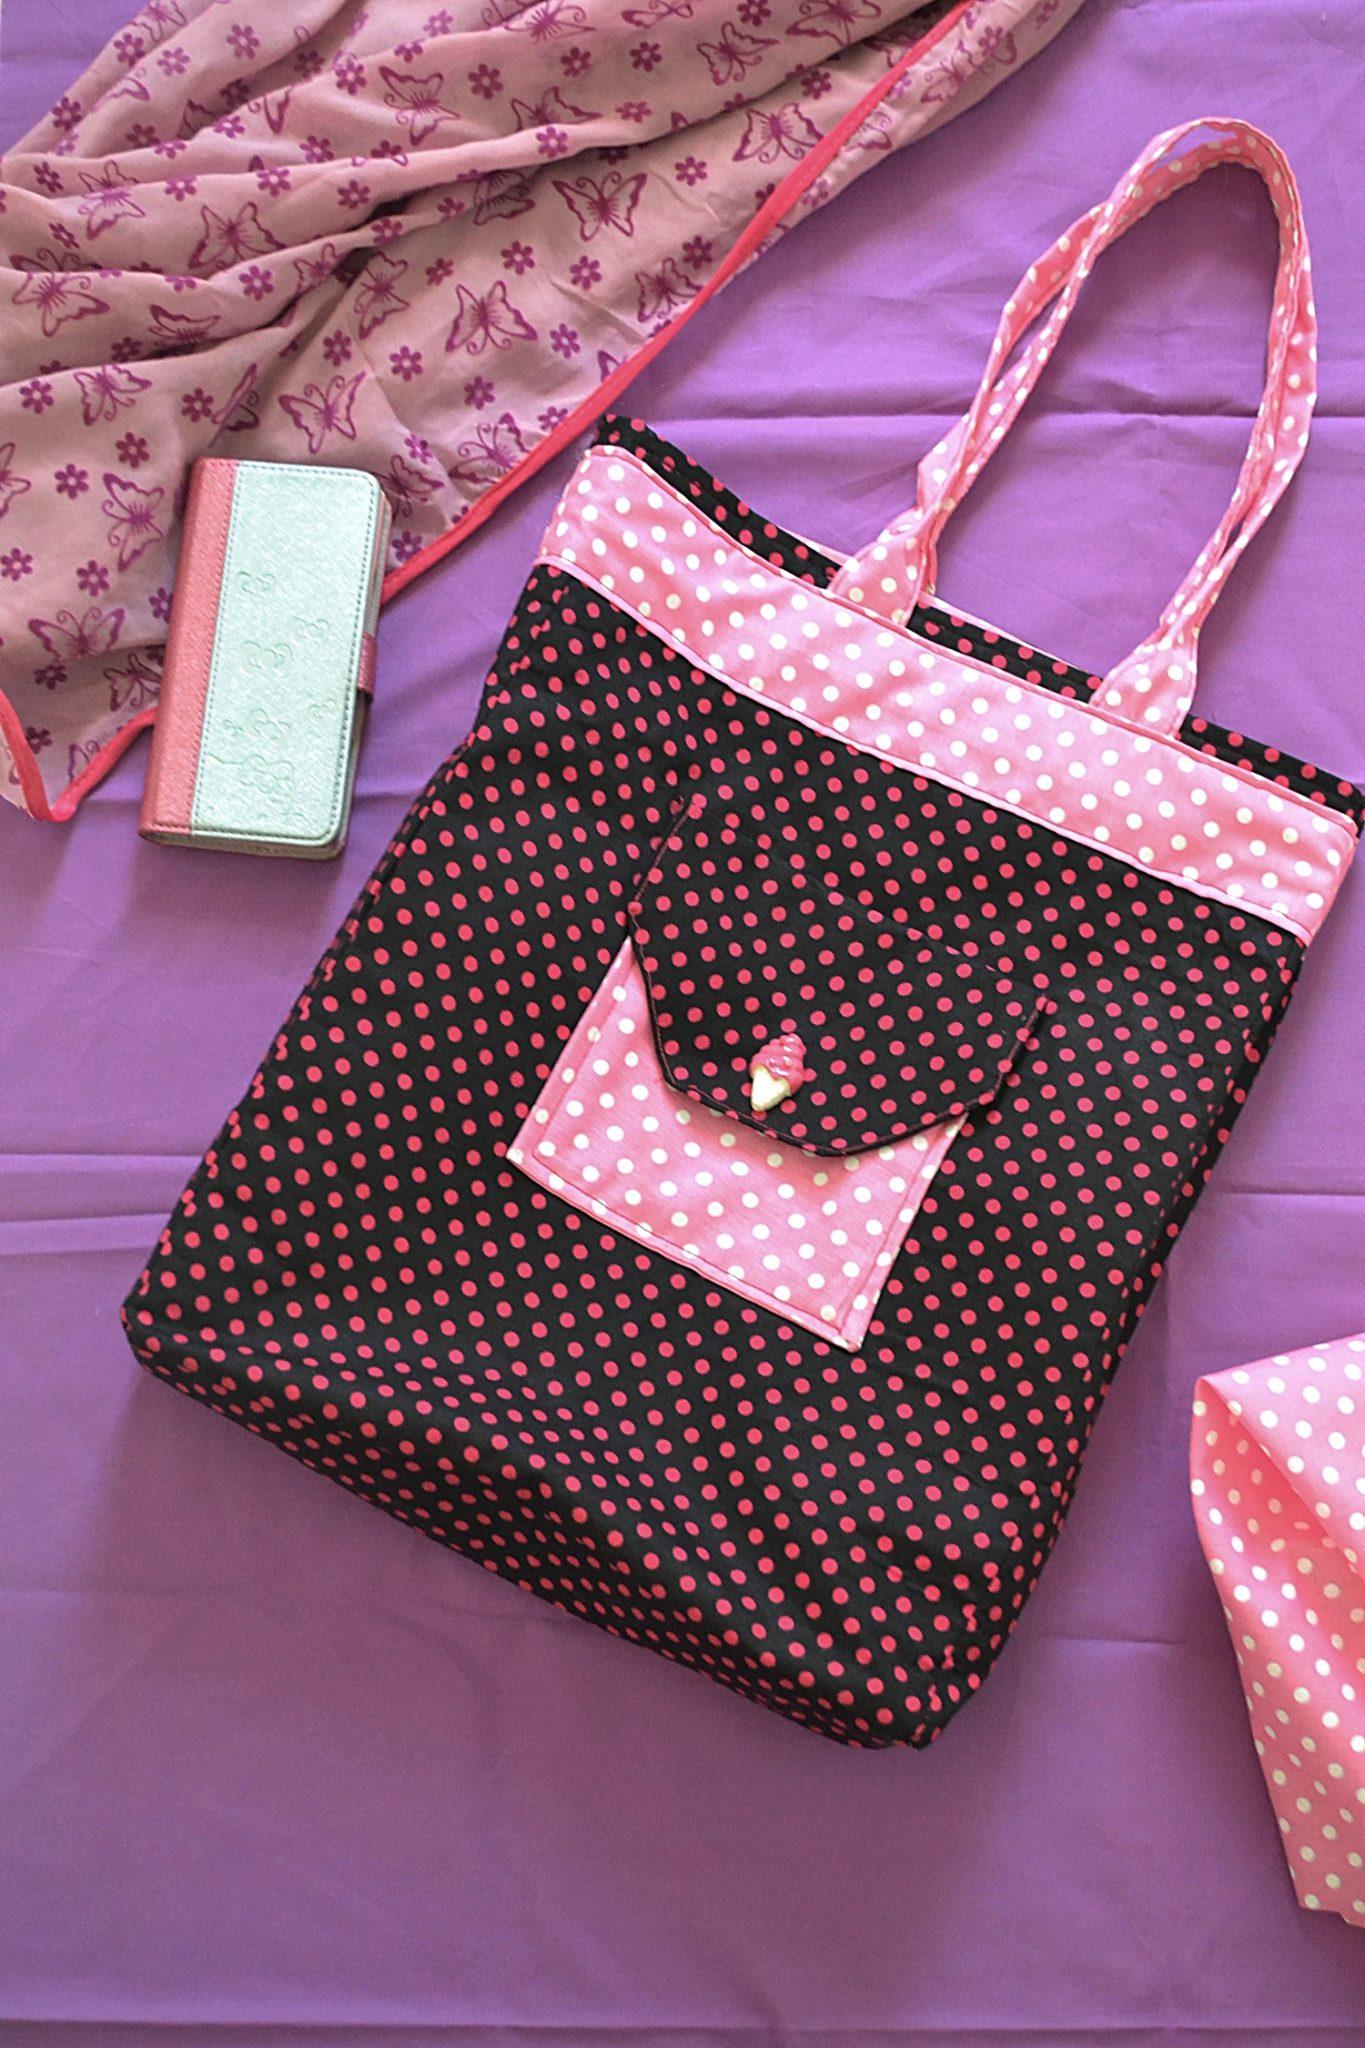 6 Pocket Pro Handbags Tutorial (Free Pattern)